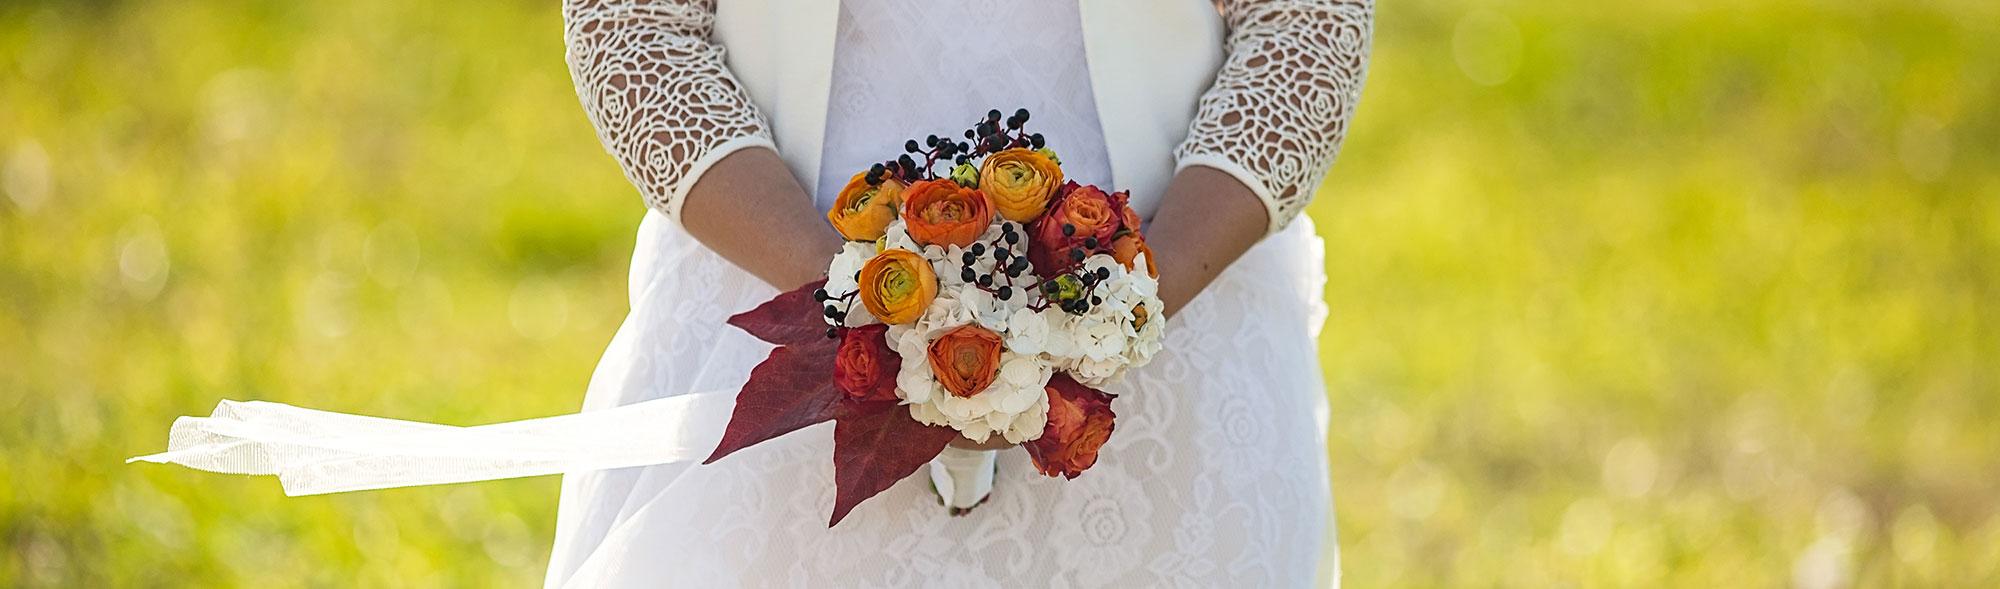 Esküvő fotózás – hogy célszerű megörökíteni esküvőd